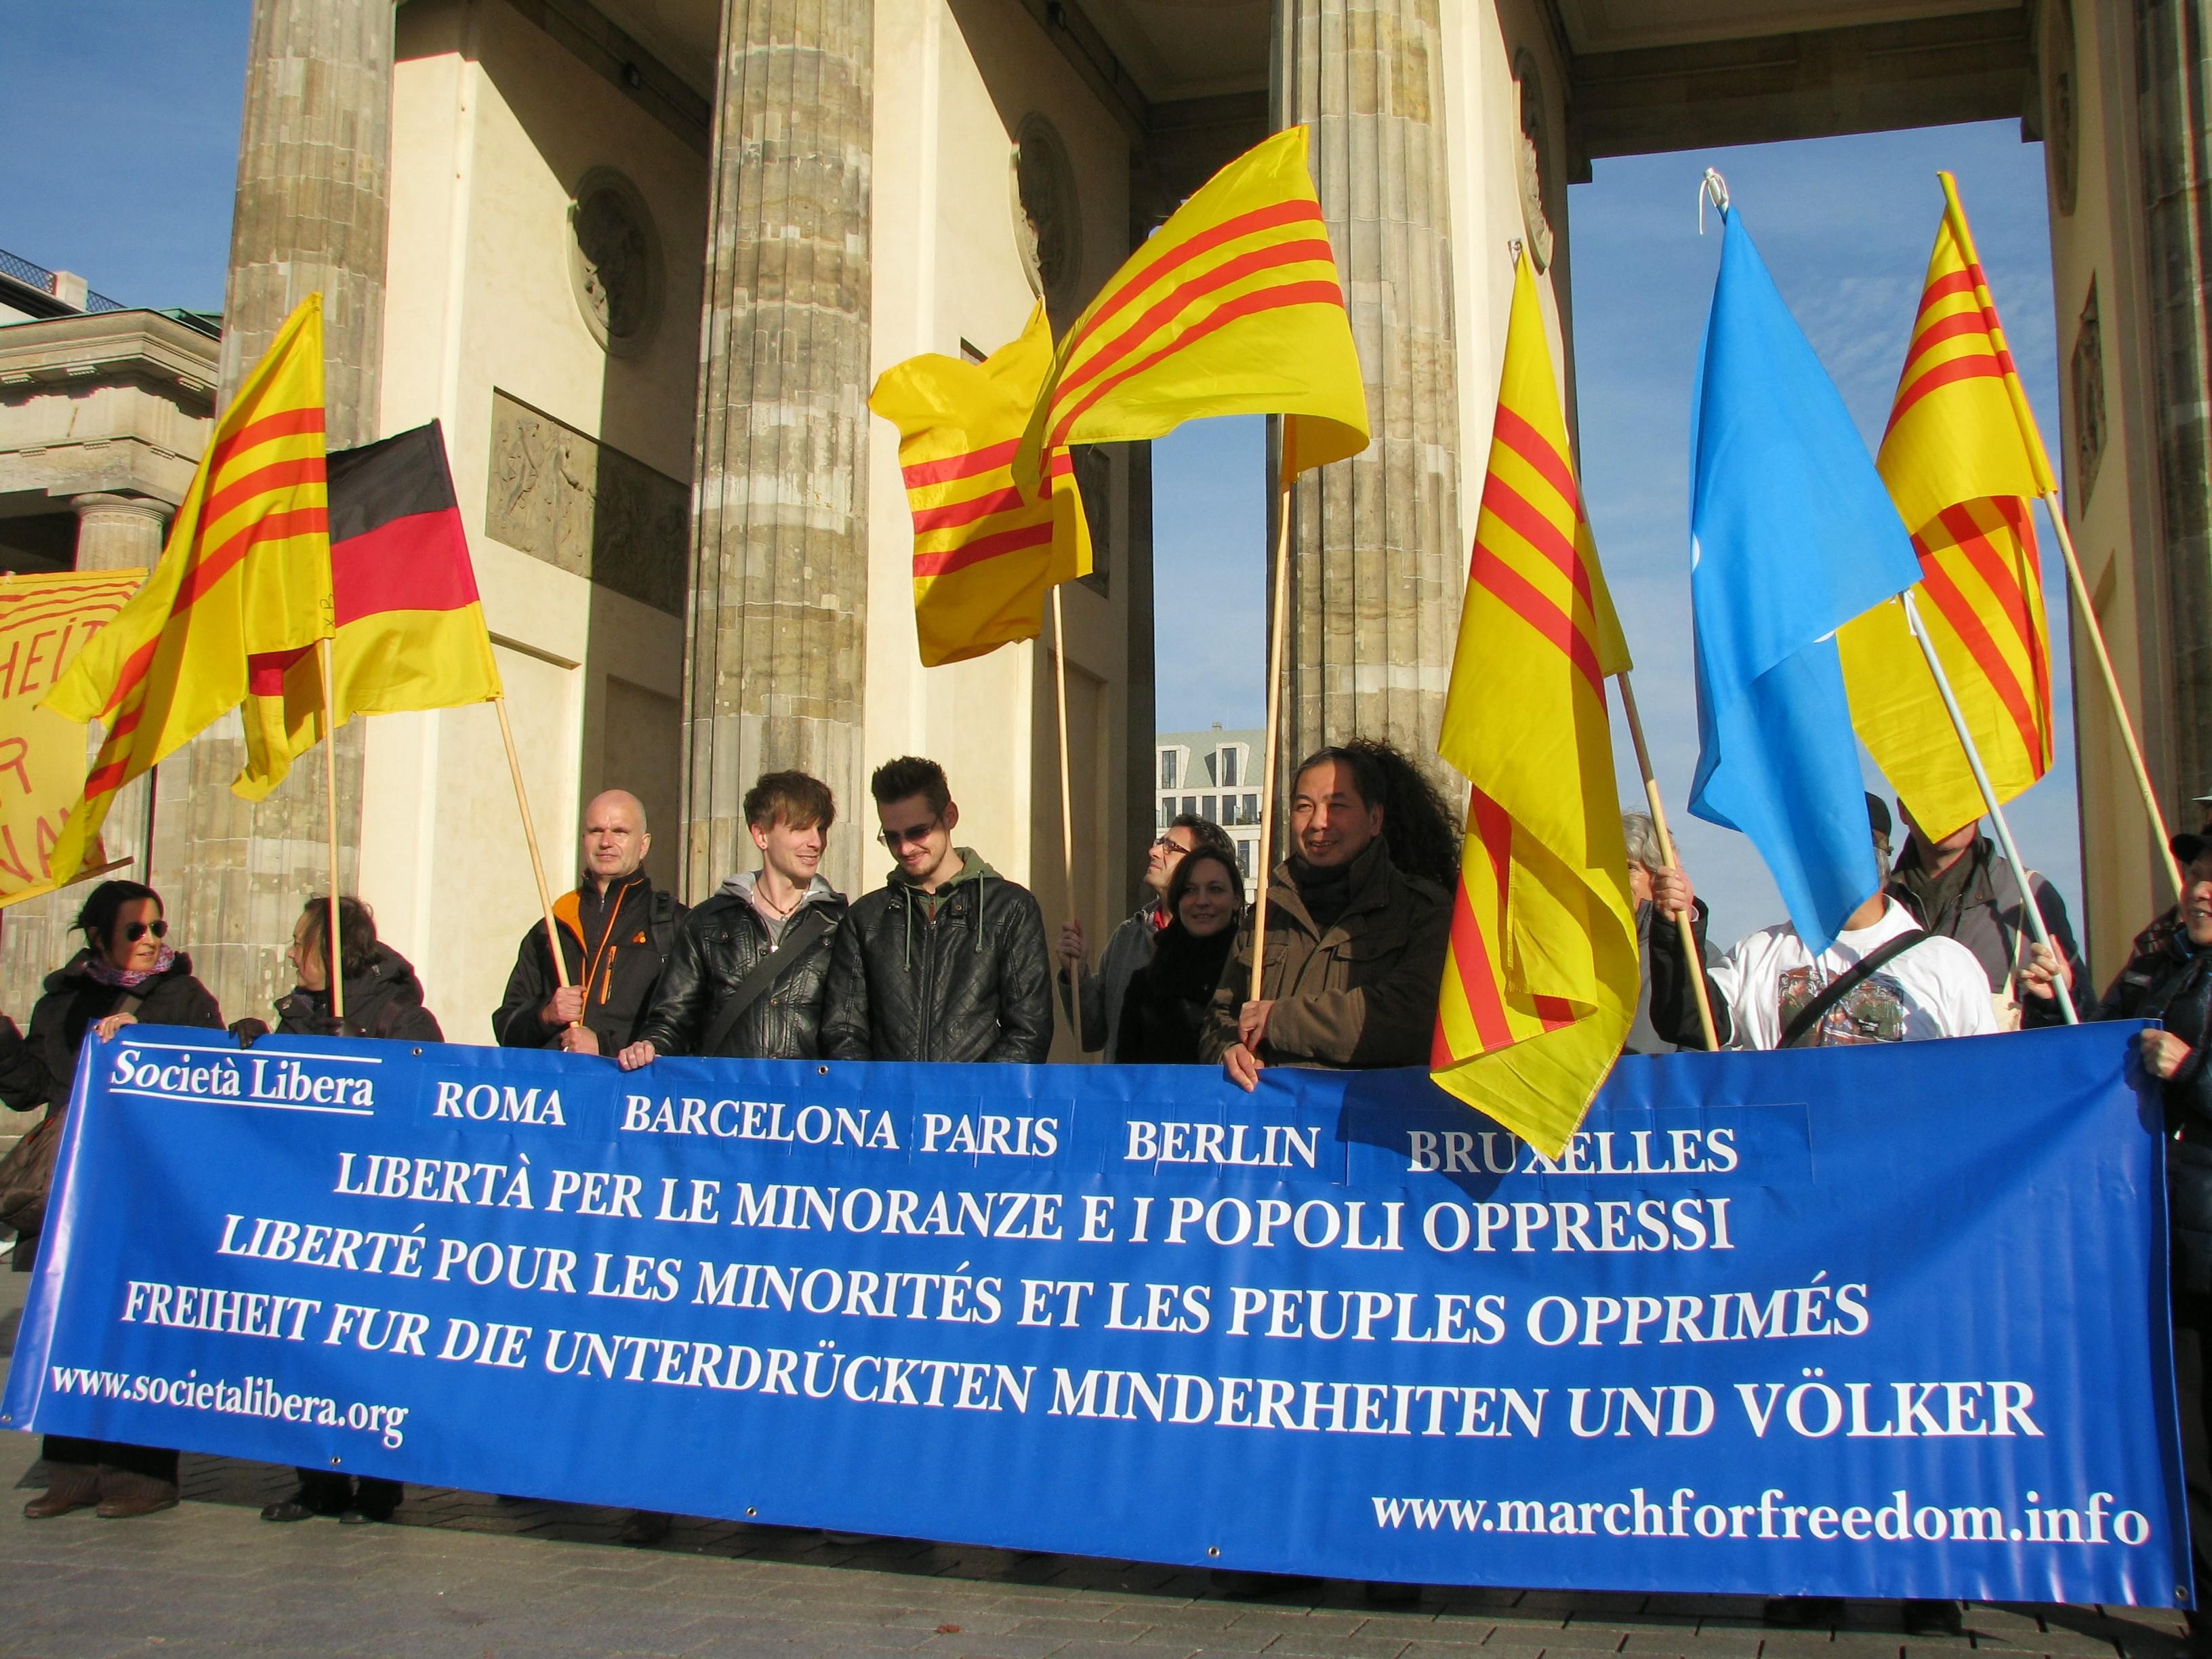 Roma e Parigi, VI Marcia per la Libertà delle Minoranze e dei Popoli Oppressi, 19 ottobre 2013